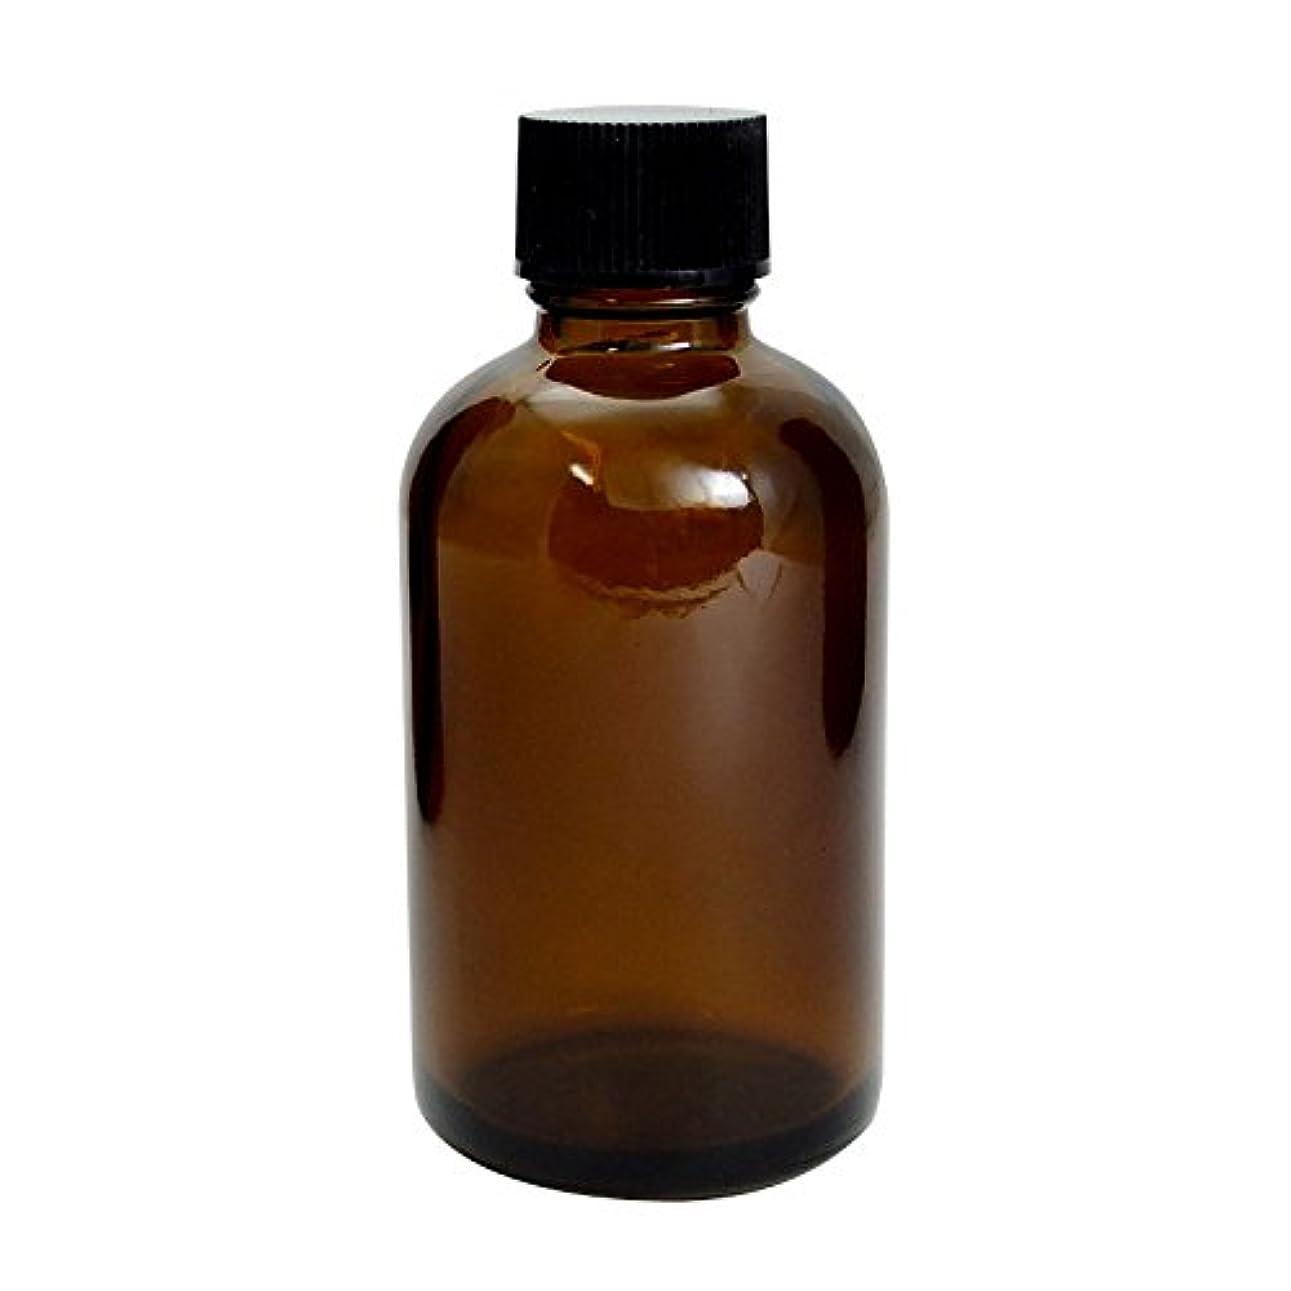 立方体破滅的なスキャンダラス遮光瓶 茶 60cc SYA-T60cc (黒CAP ローション中栓付)